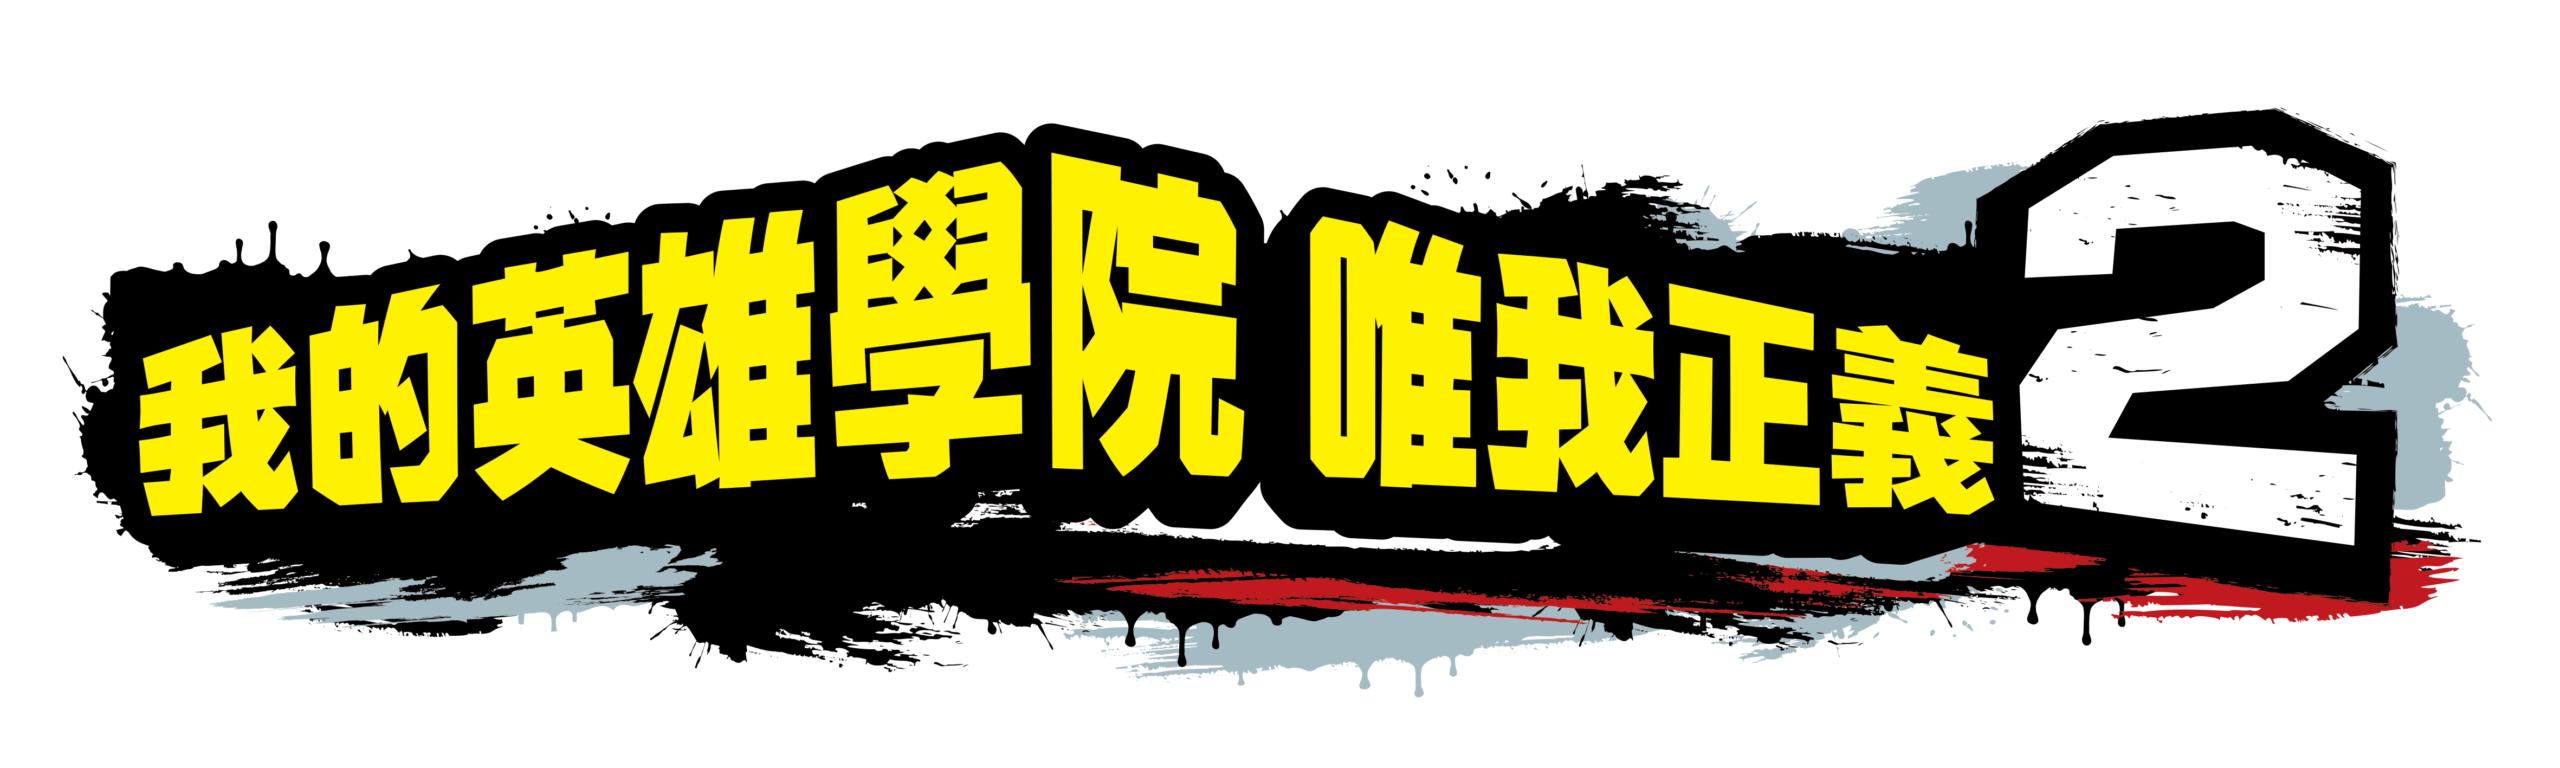 Topics tagged under ps4 on 紀由屋分享坊 Mhaoj210